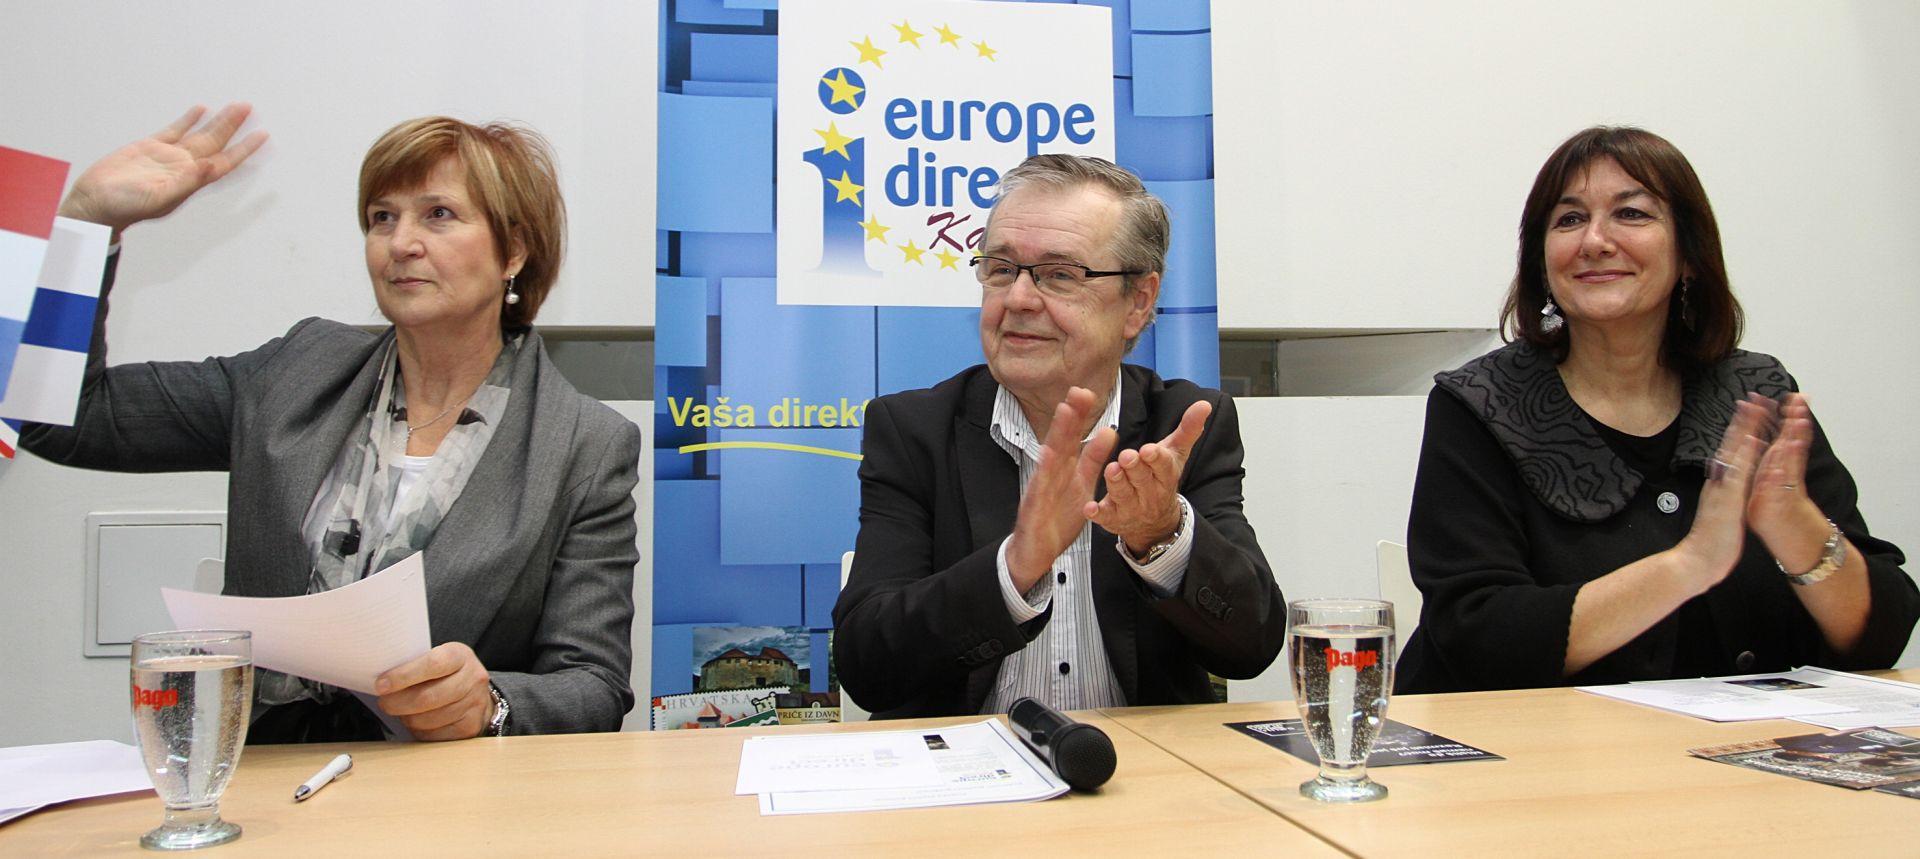 """HRVATSKI EUROPARLAMENTARCI """"Jako smo potreseni, vjerujemo da će policija uhititi počinitelje i spriječiti nove napade"""""""